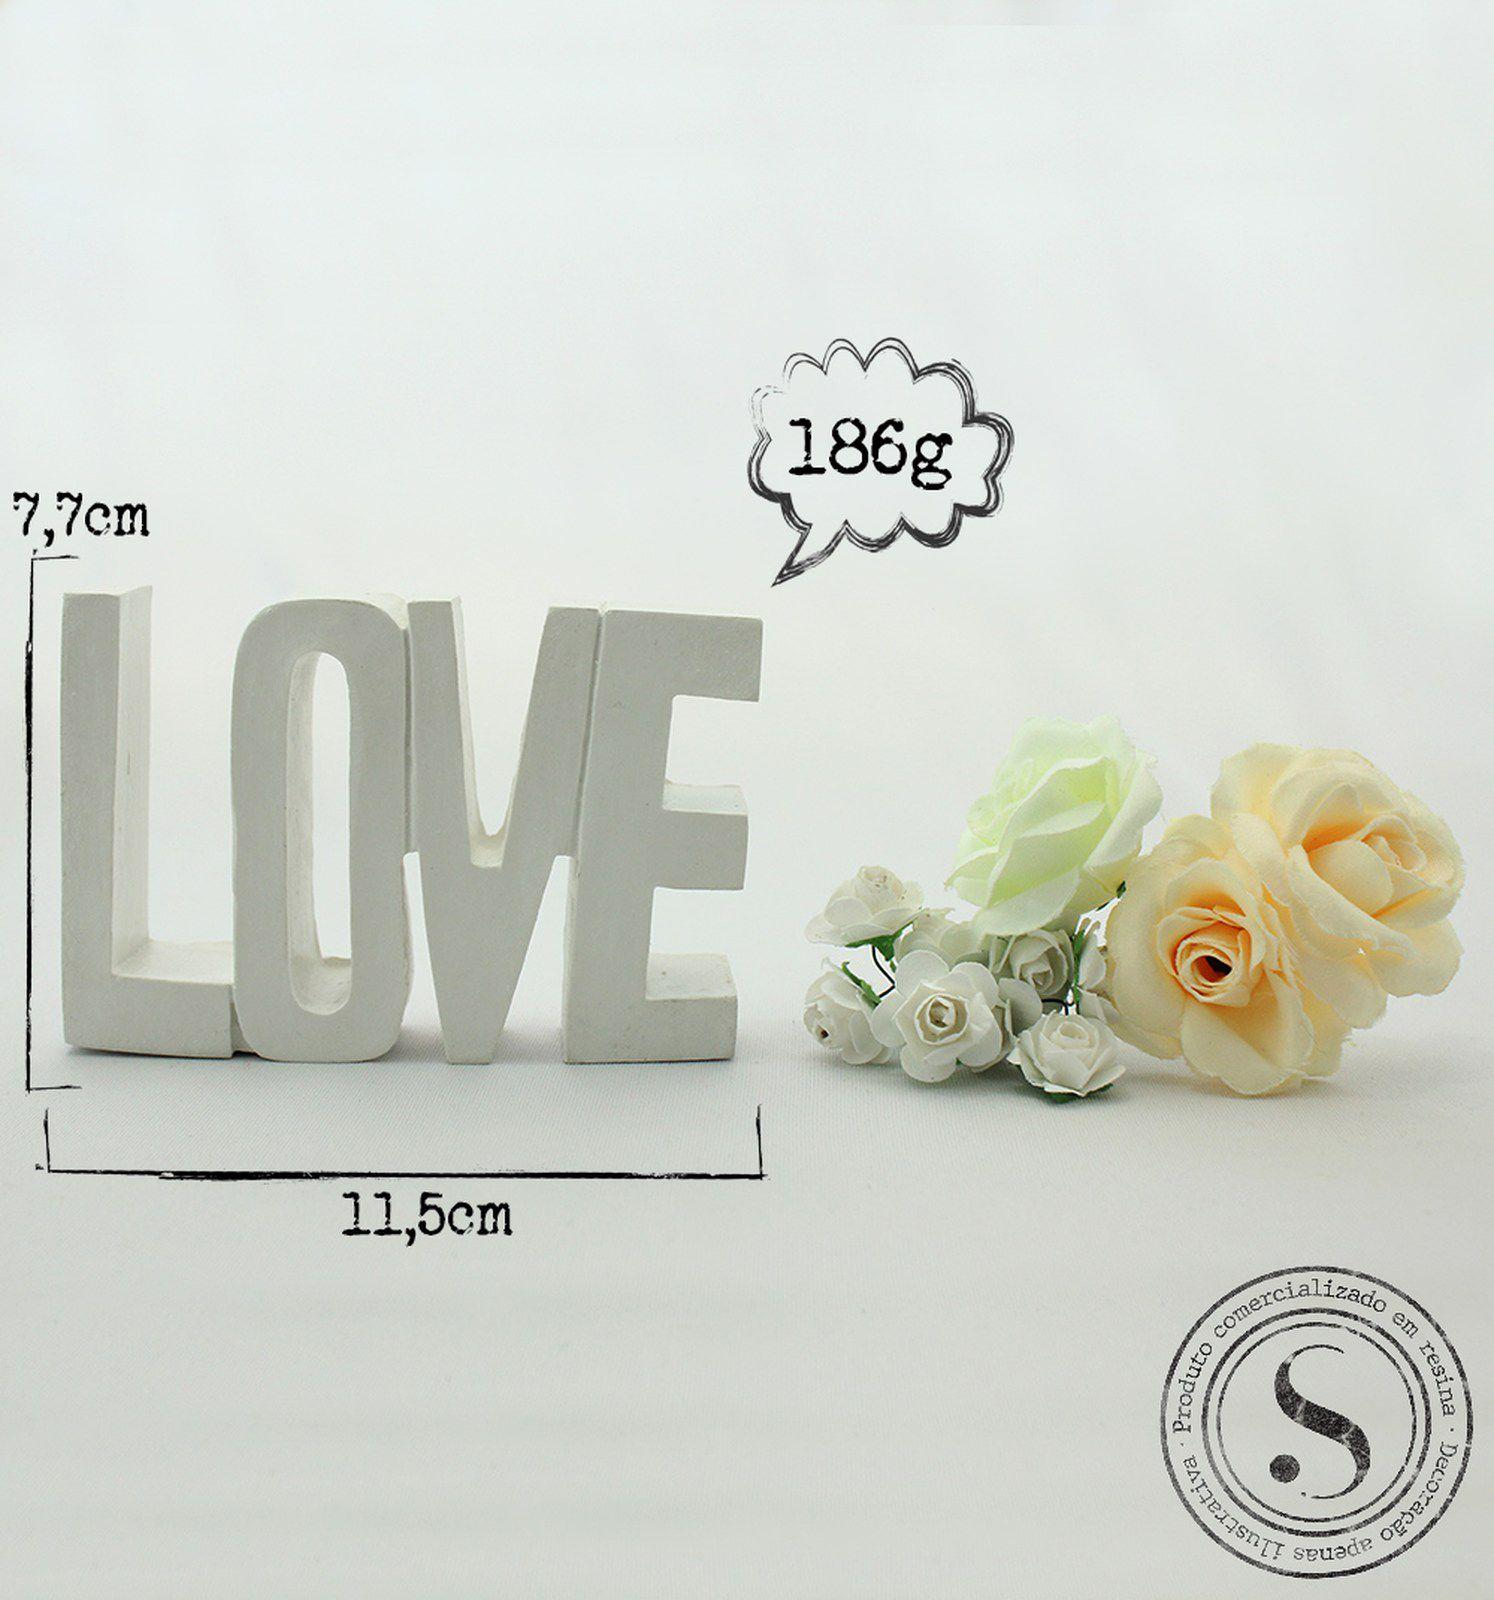 Aplique Resina Aplique Love Grande 11,5x7x2- resina   DLV 001 - Sandra Gotardo